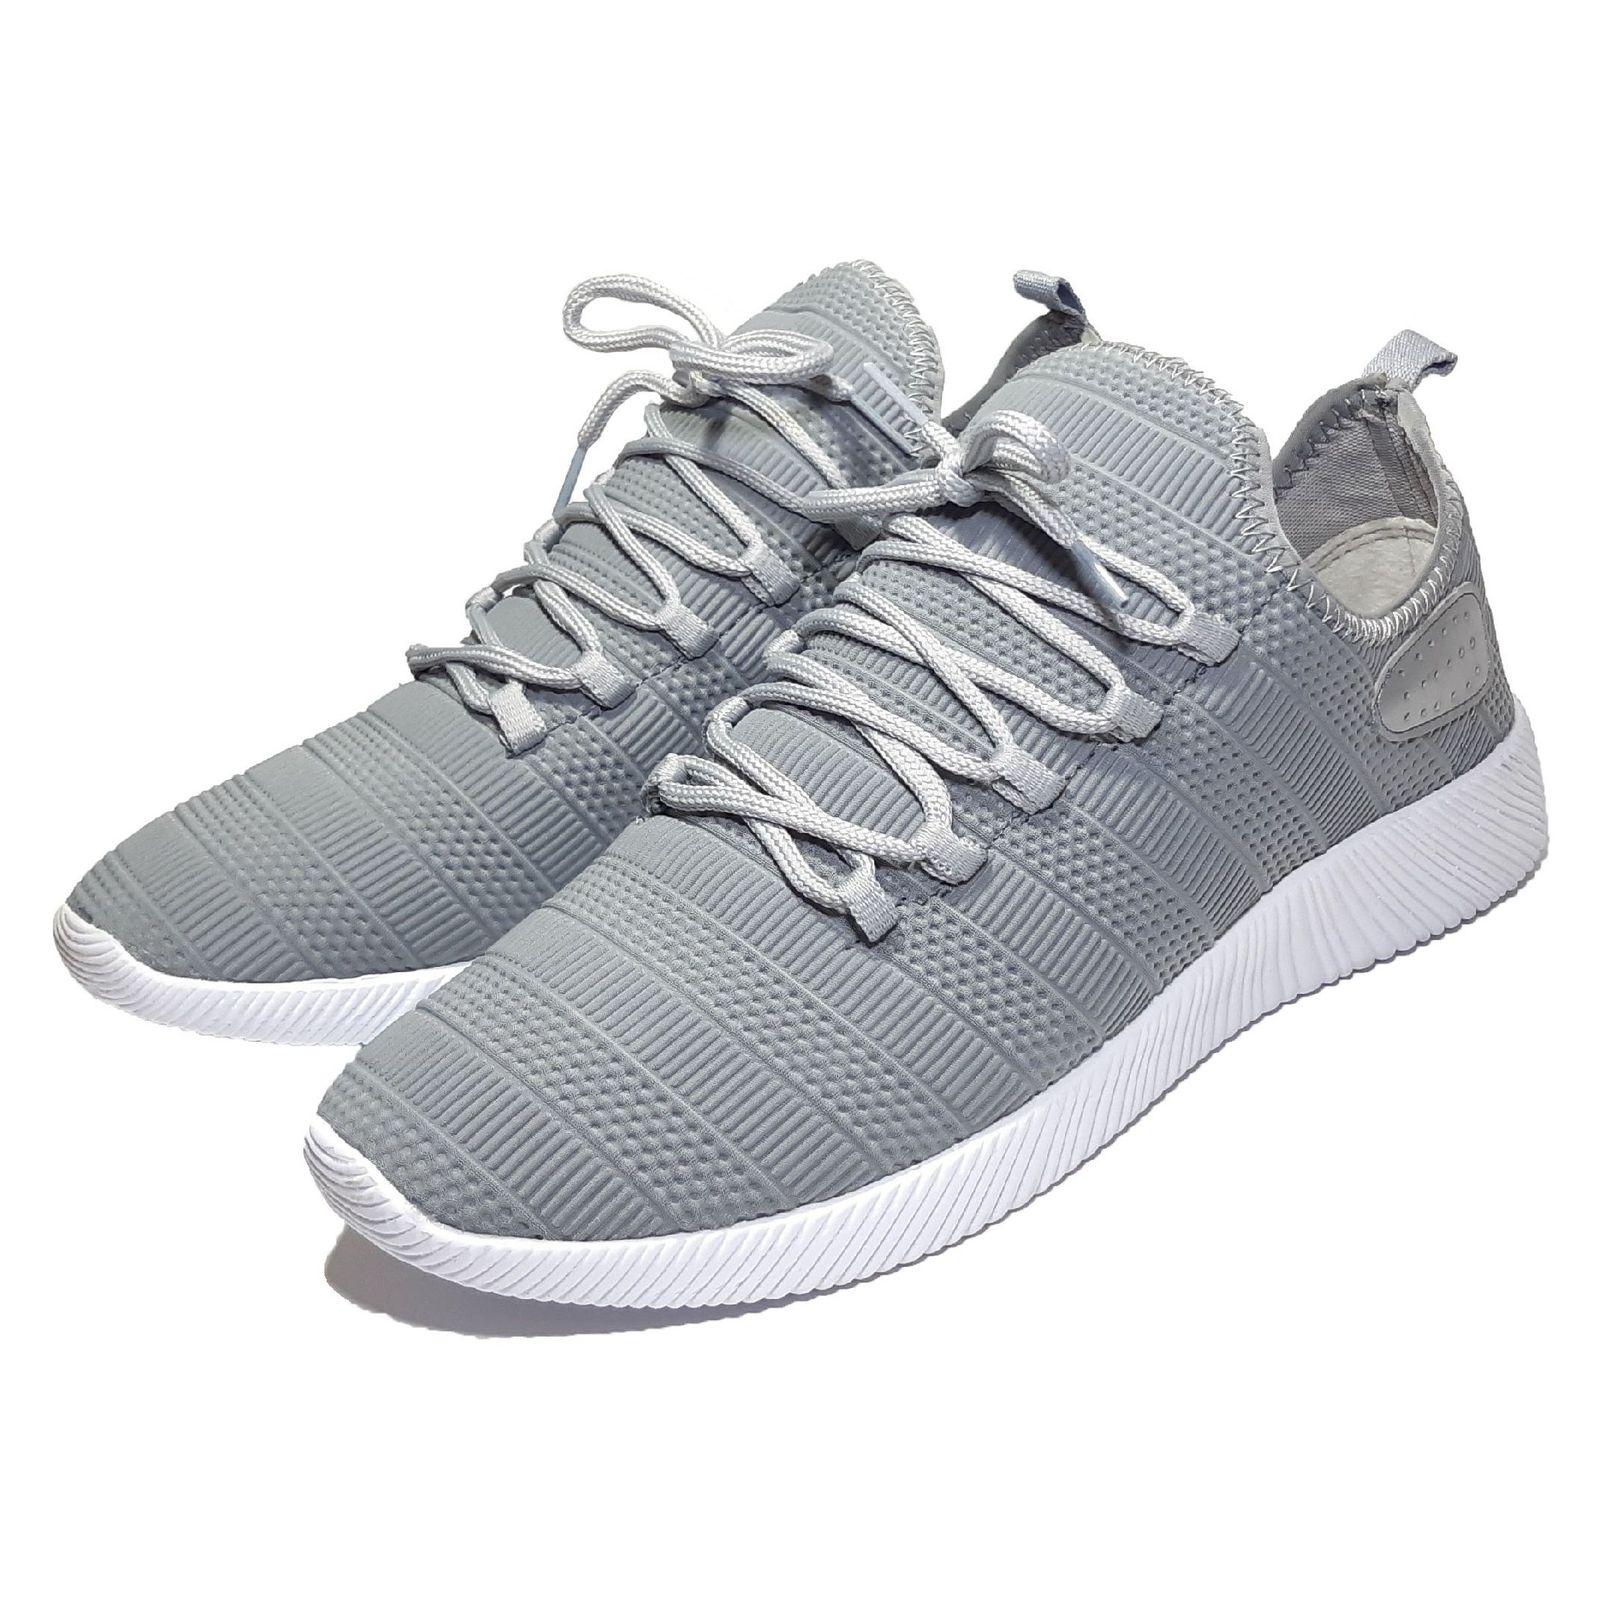 کفش مخصوص پیاده روی زنانه مدل Dharma W main 1 4